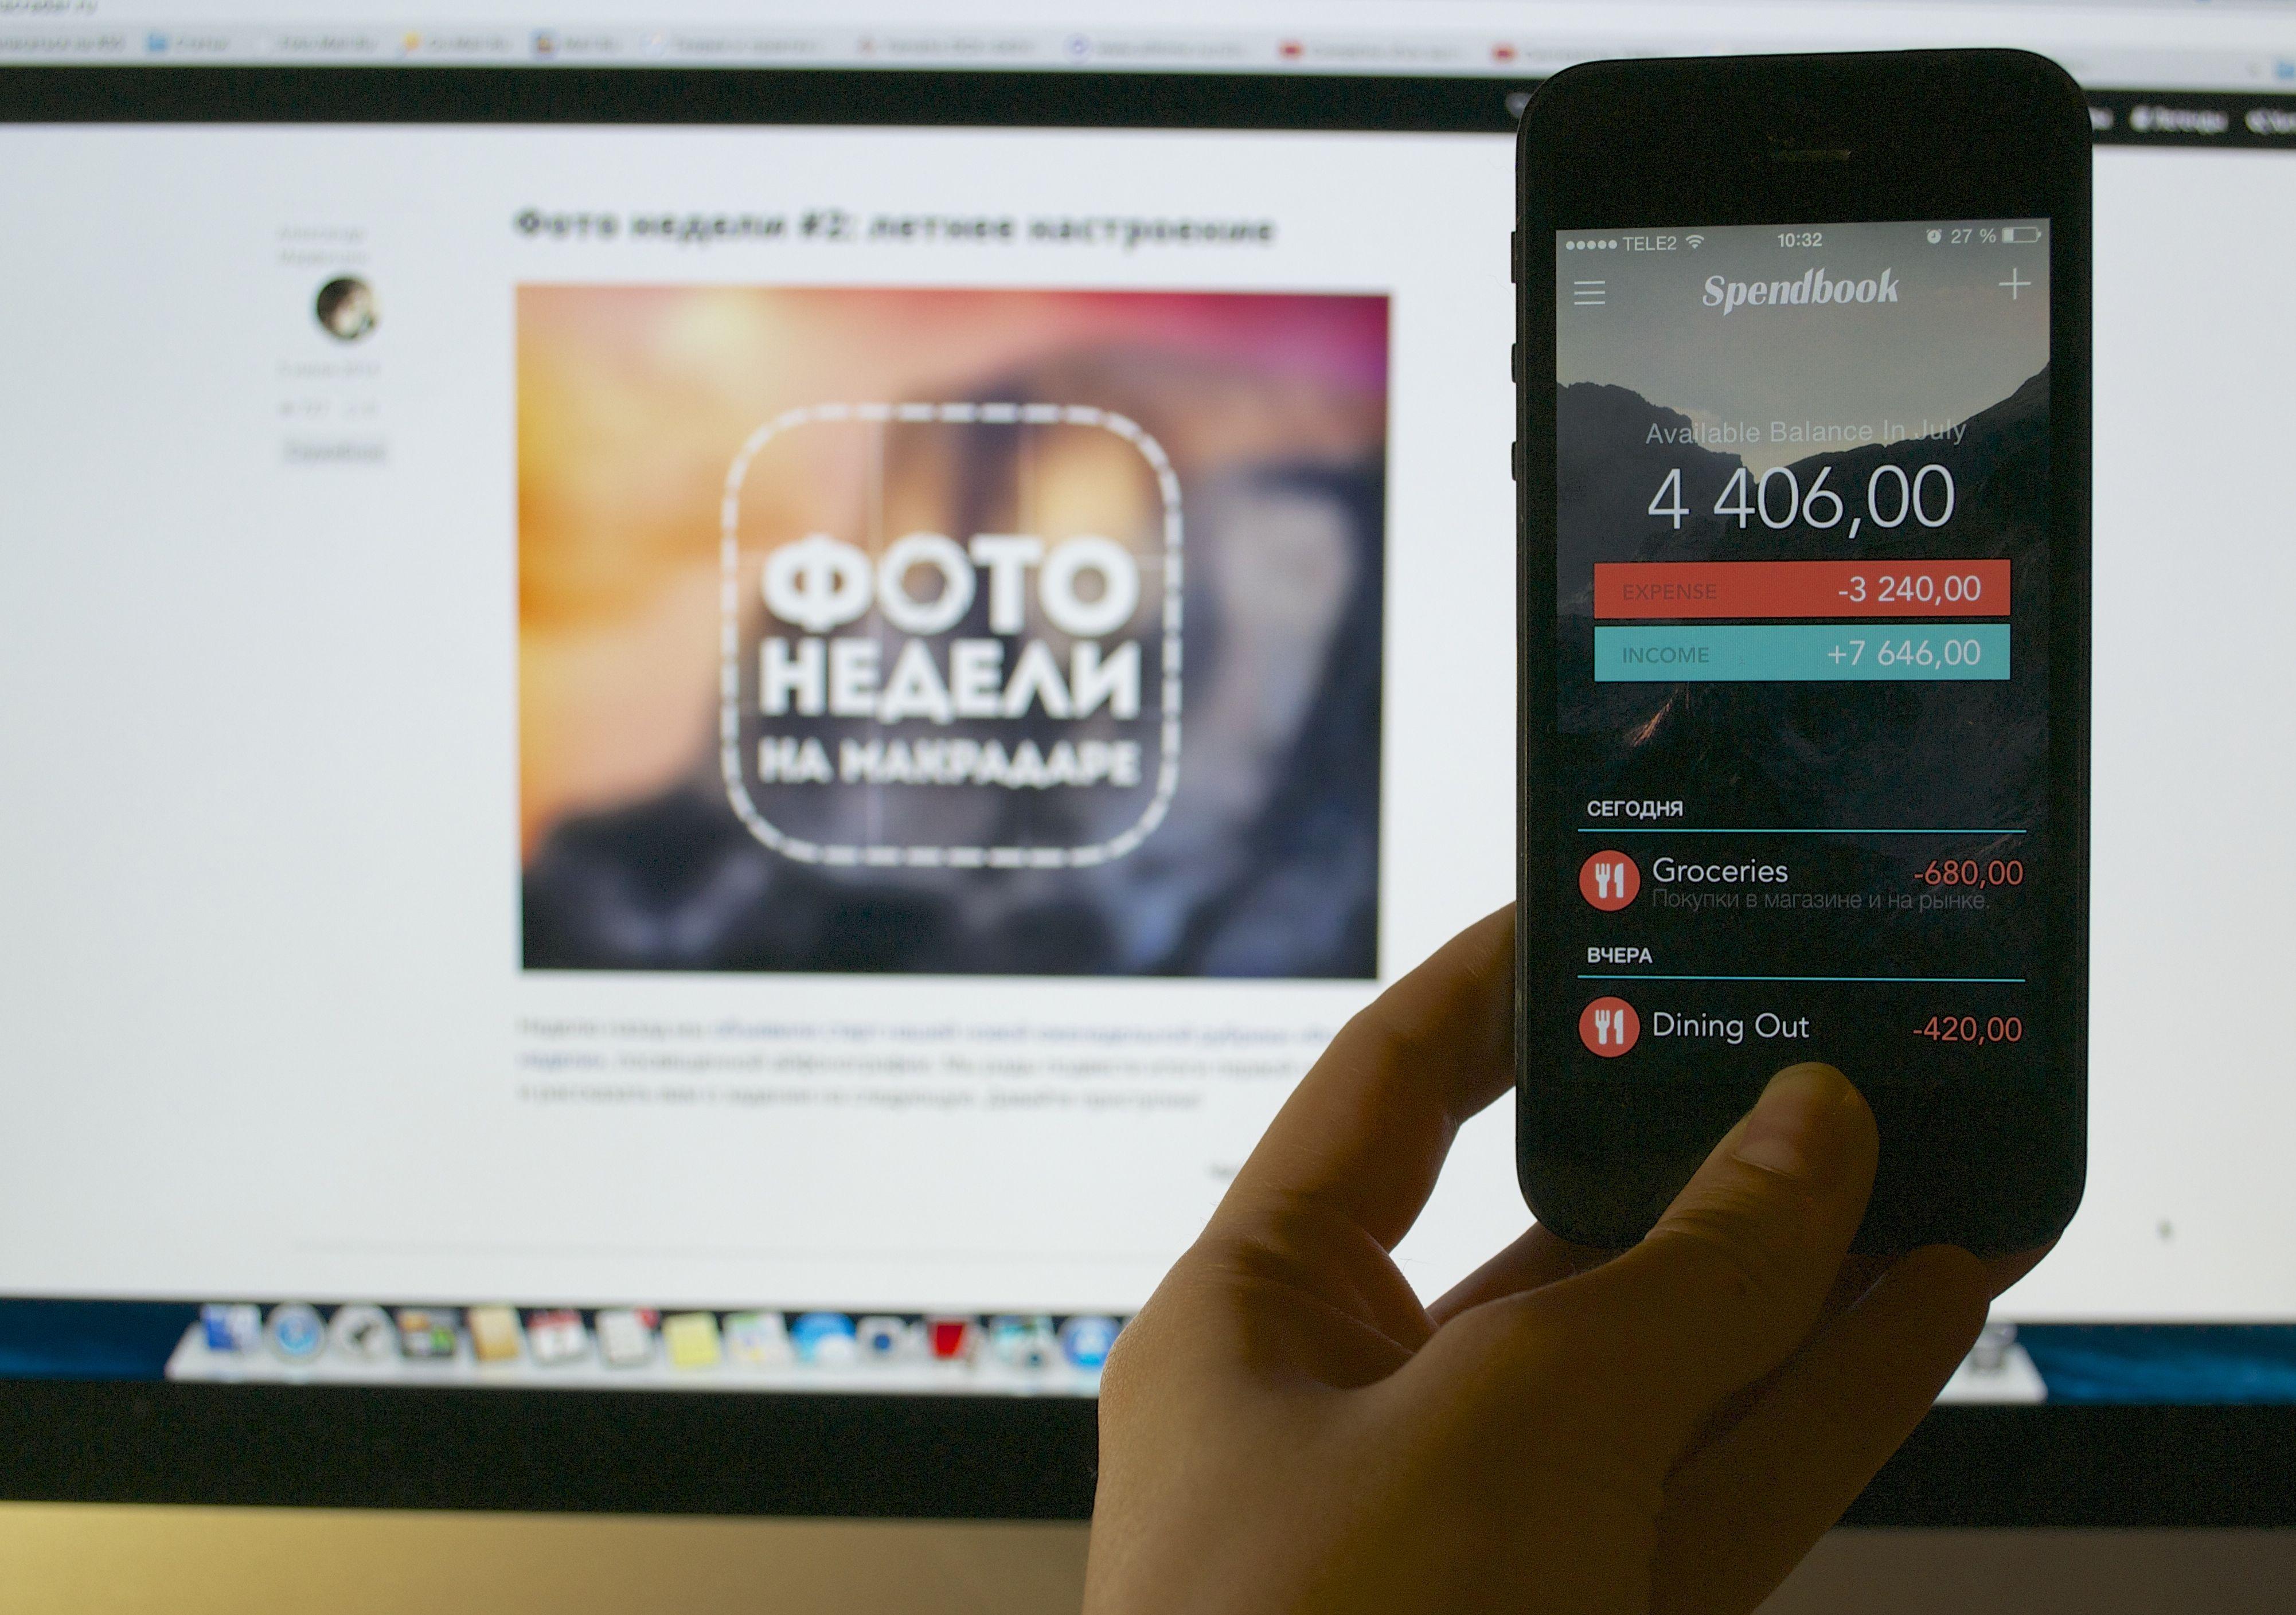 Spendbook для iPhone: финансовый менеджер c прекрасным дизайном и удобным интерфейсом